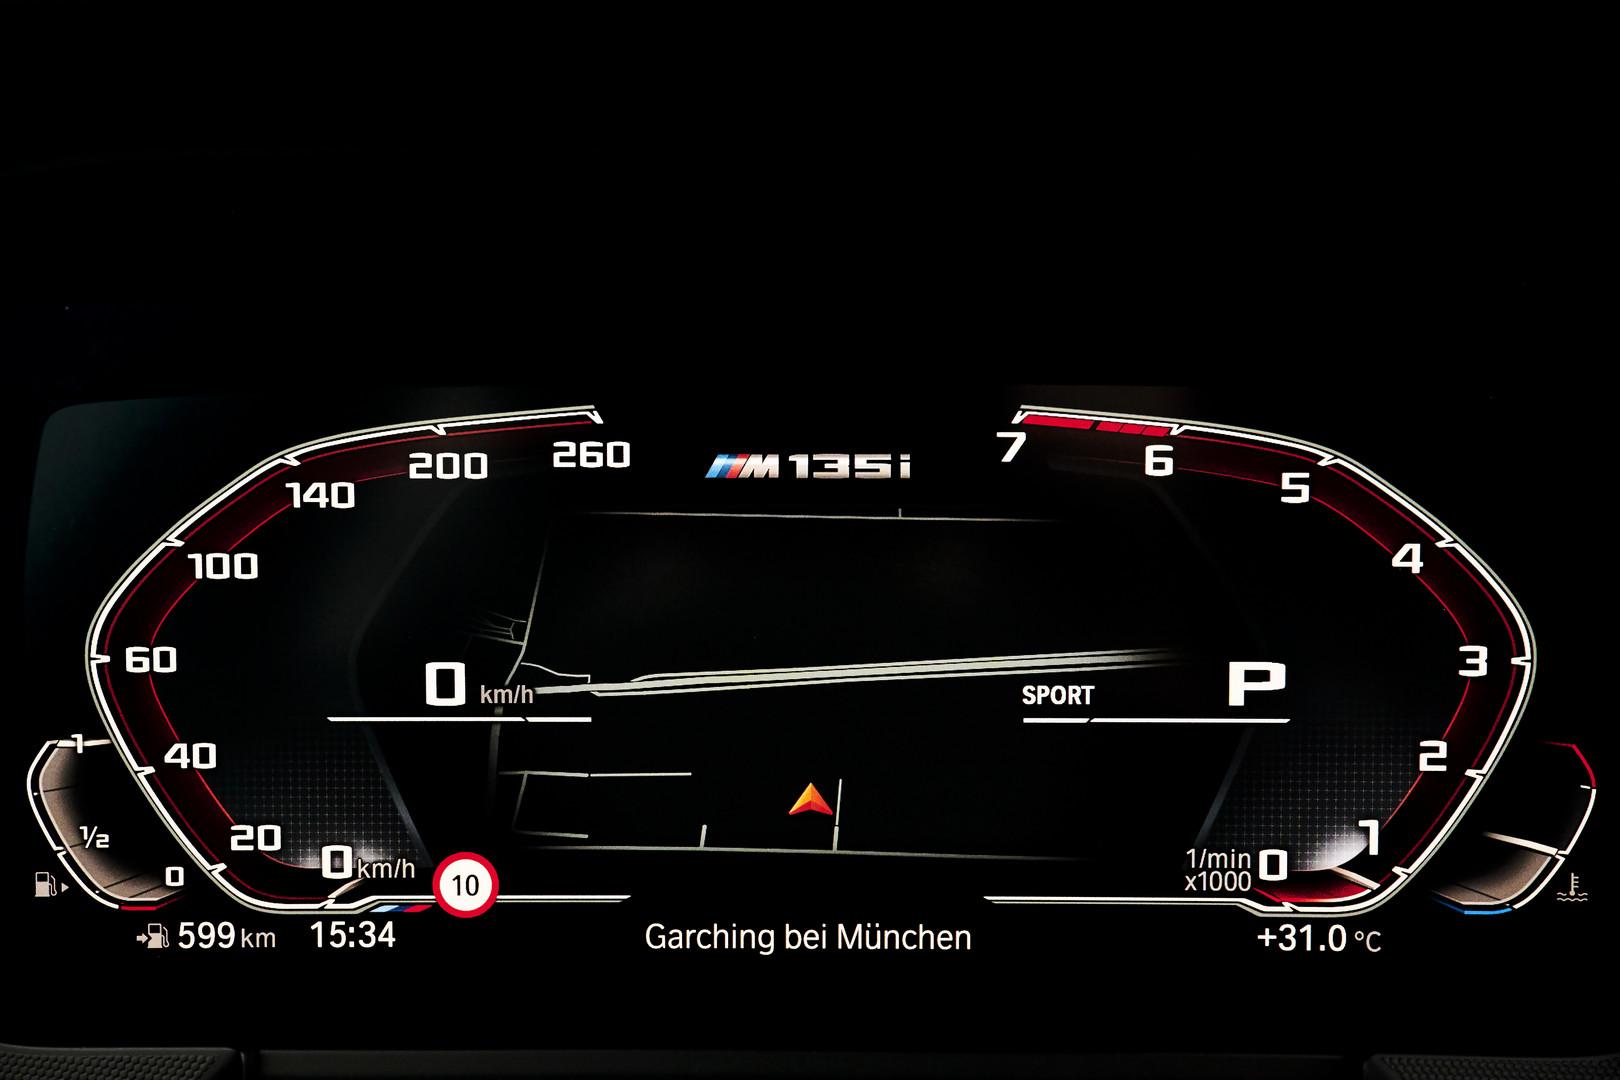 2020 BMW M135i Rev Counter